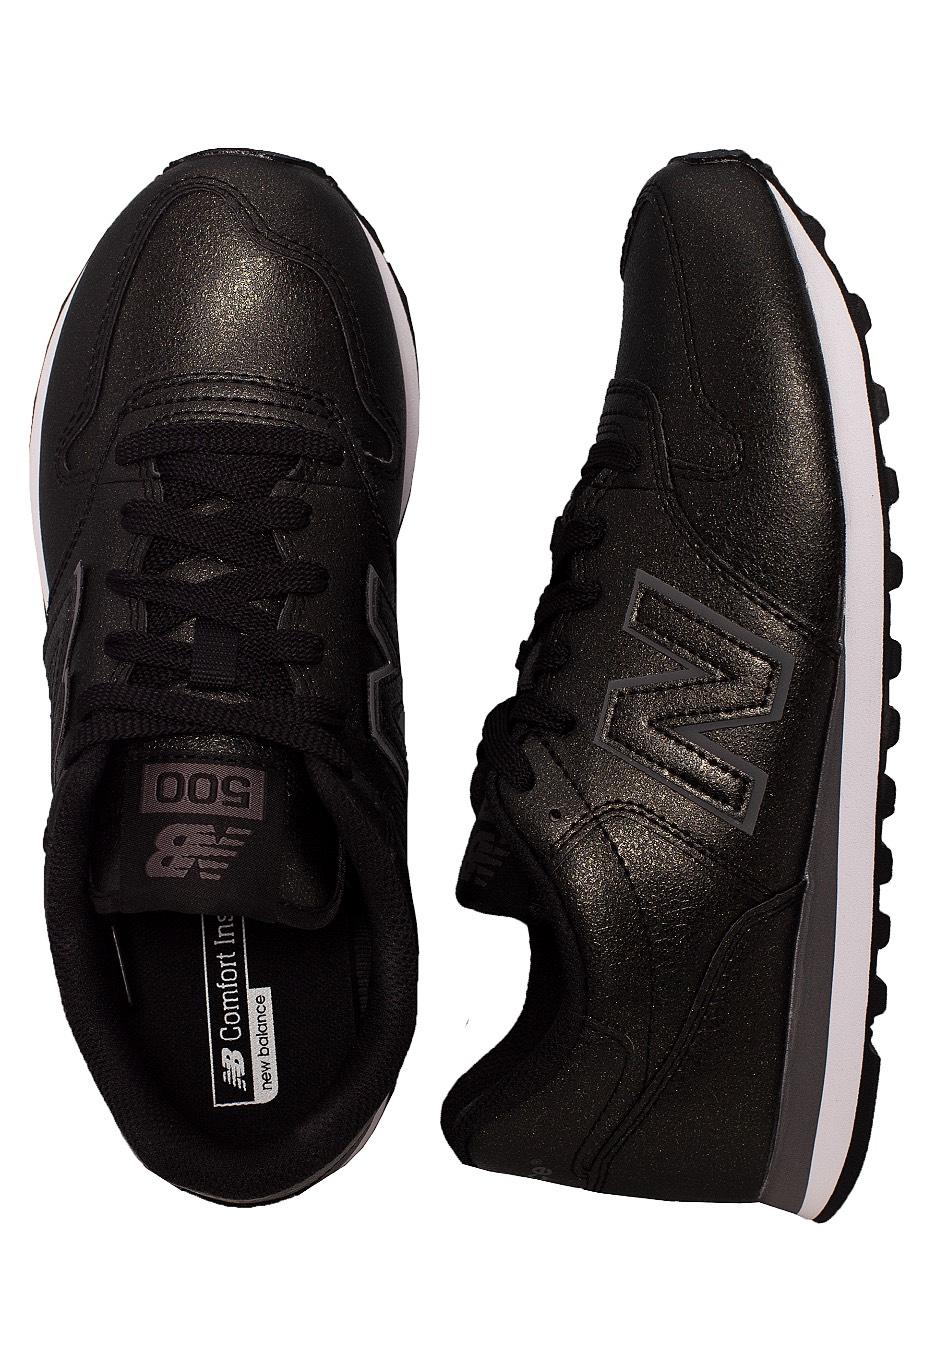 chaussures new balance gw 500 noir femme